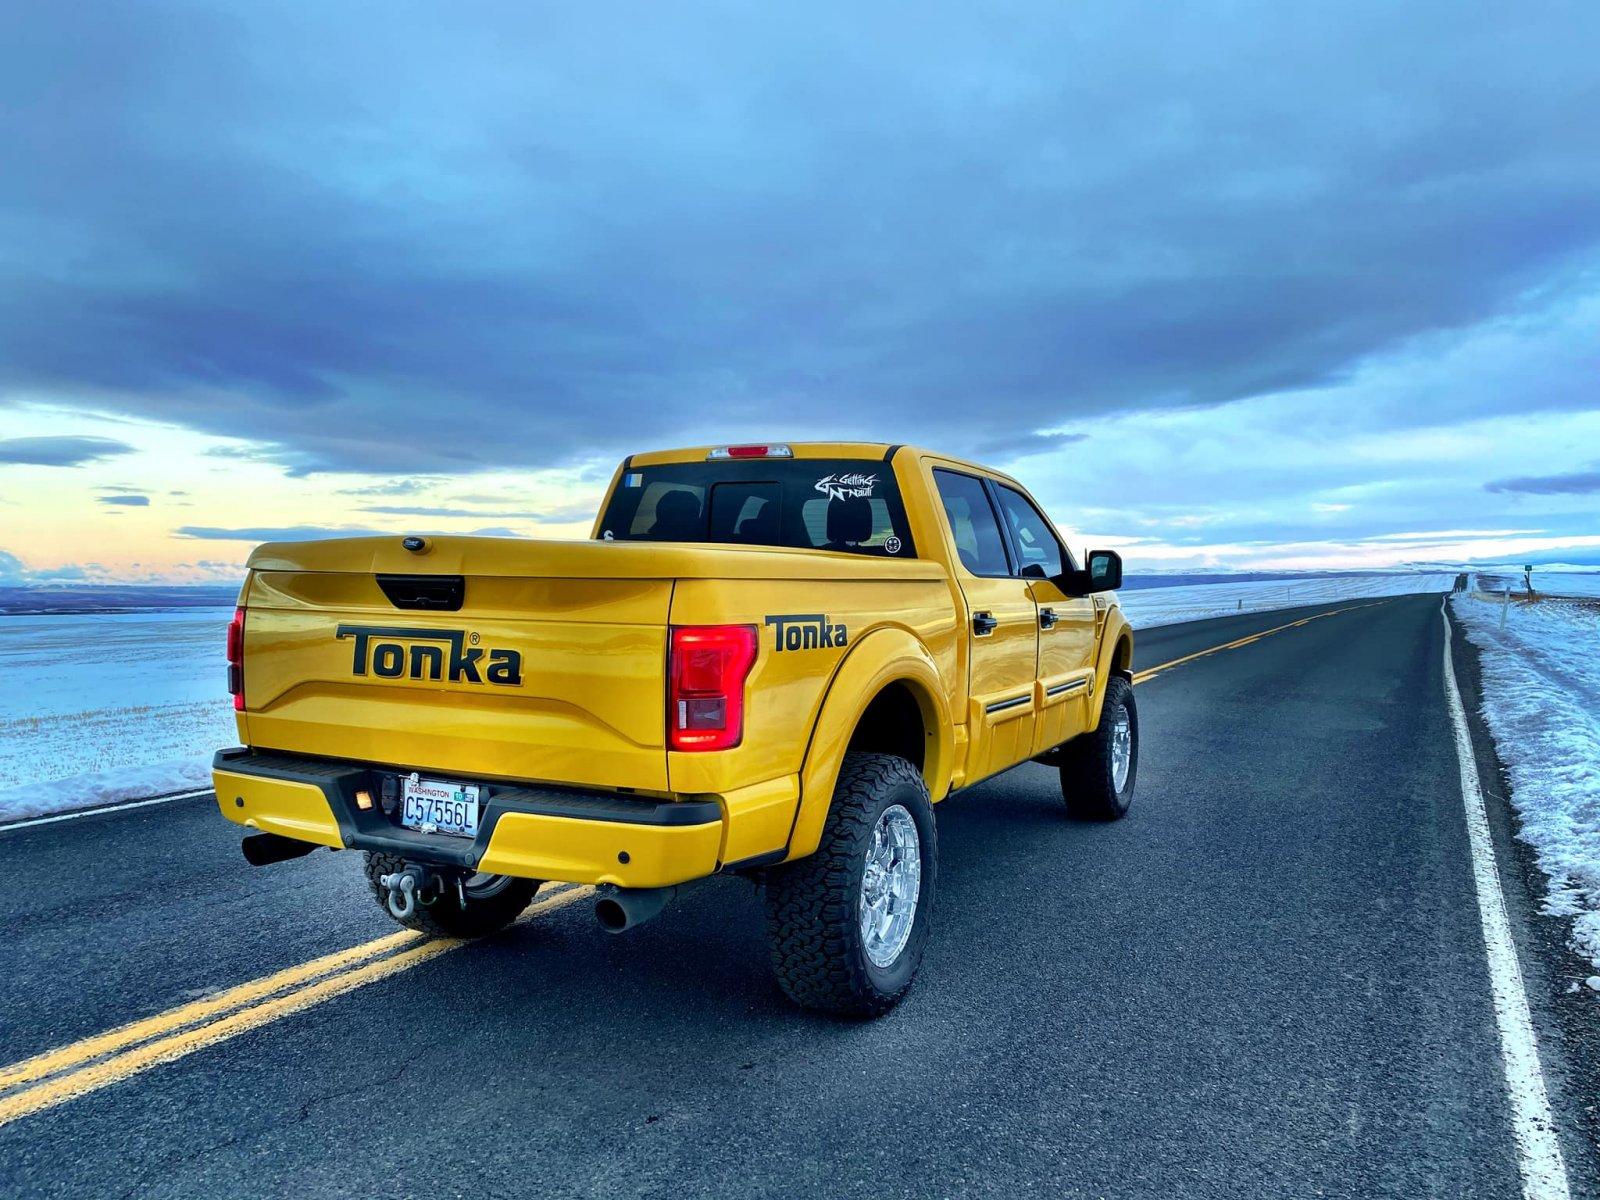 Ford F-150 Shelby Tonka Edition 700HP 3.jpg